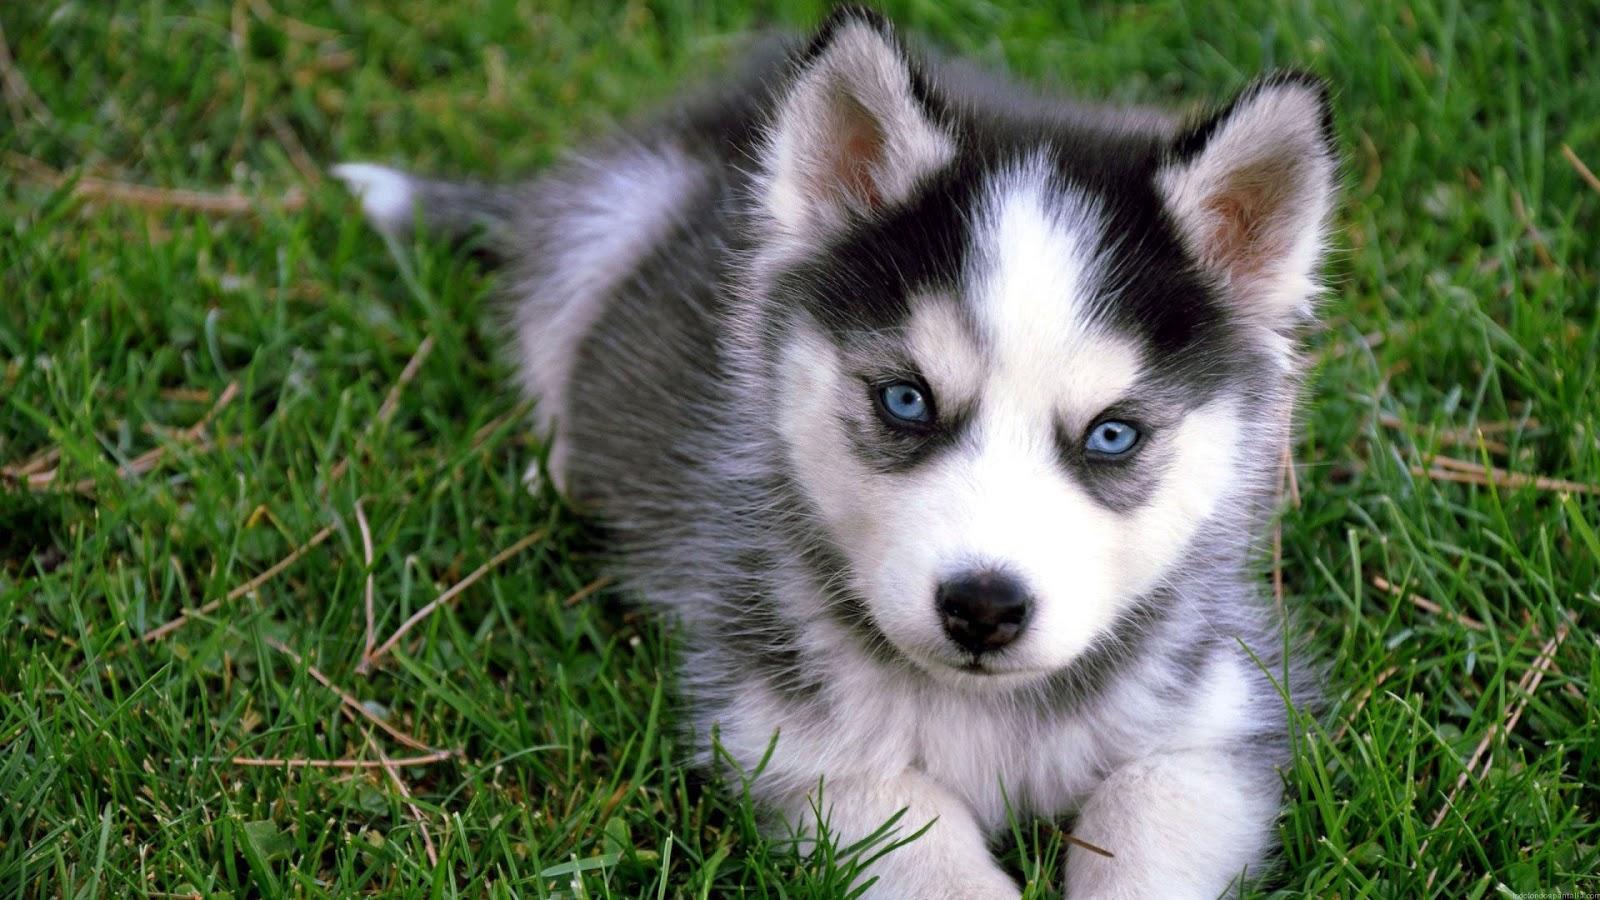 Fondo de pantalla perros 1920x1080 fondos de pantalla hd for Fondos de pantalla de perritos